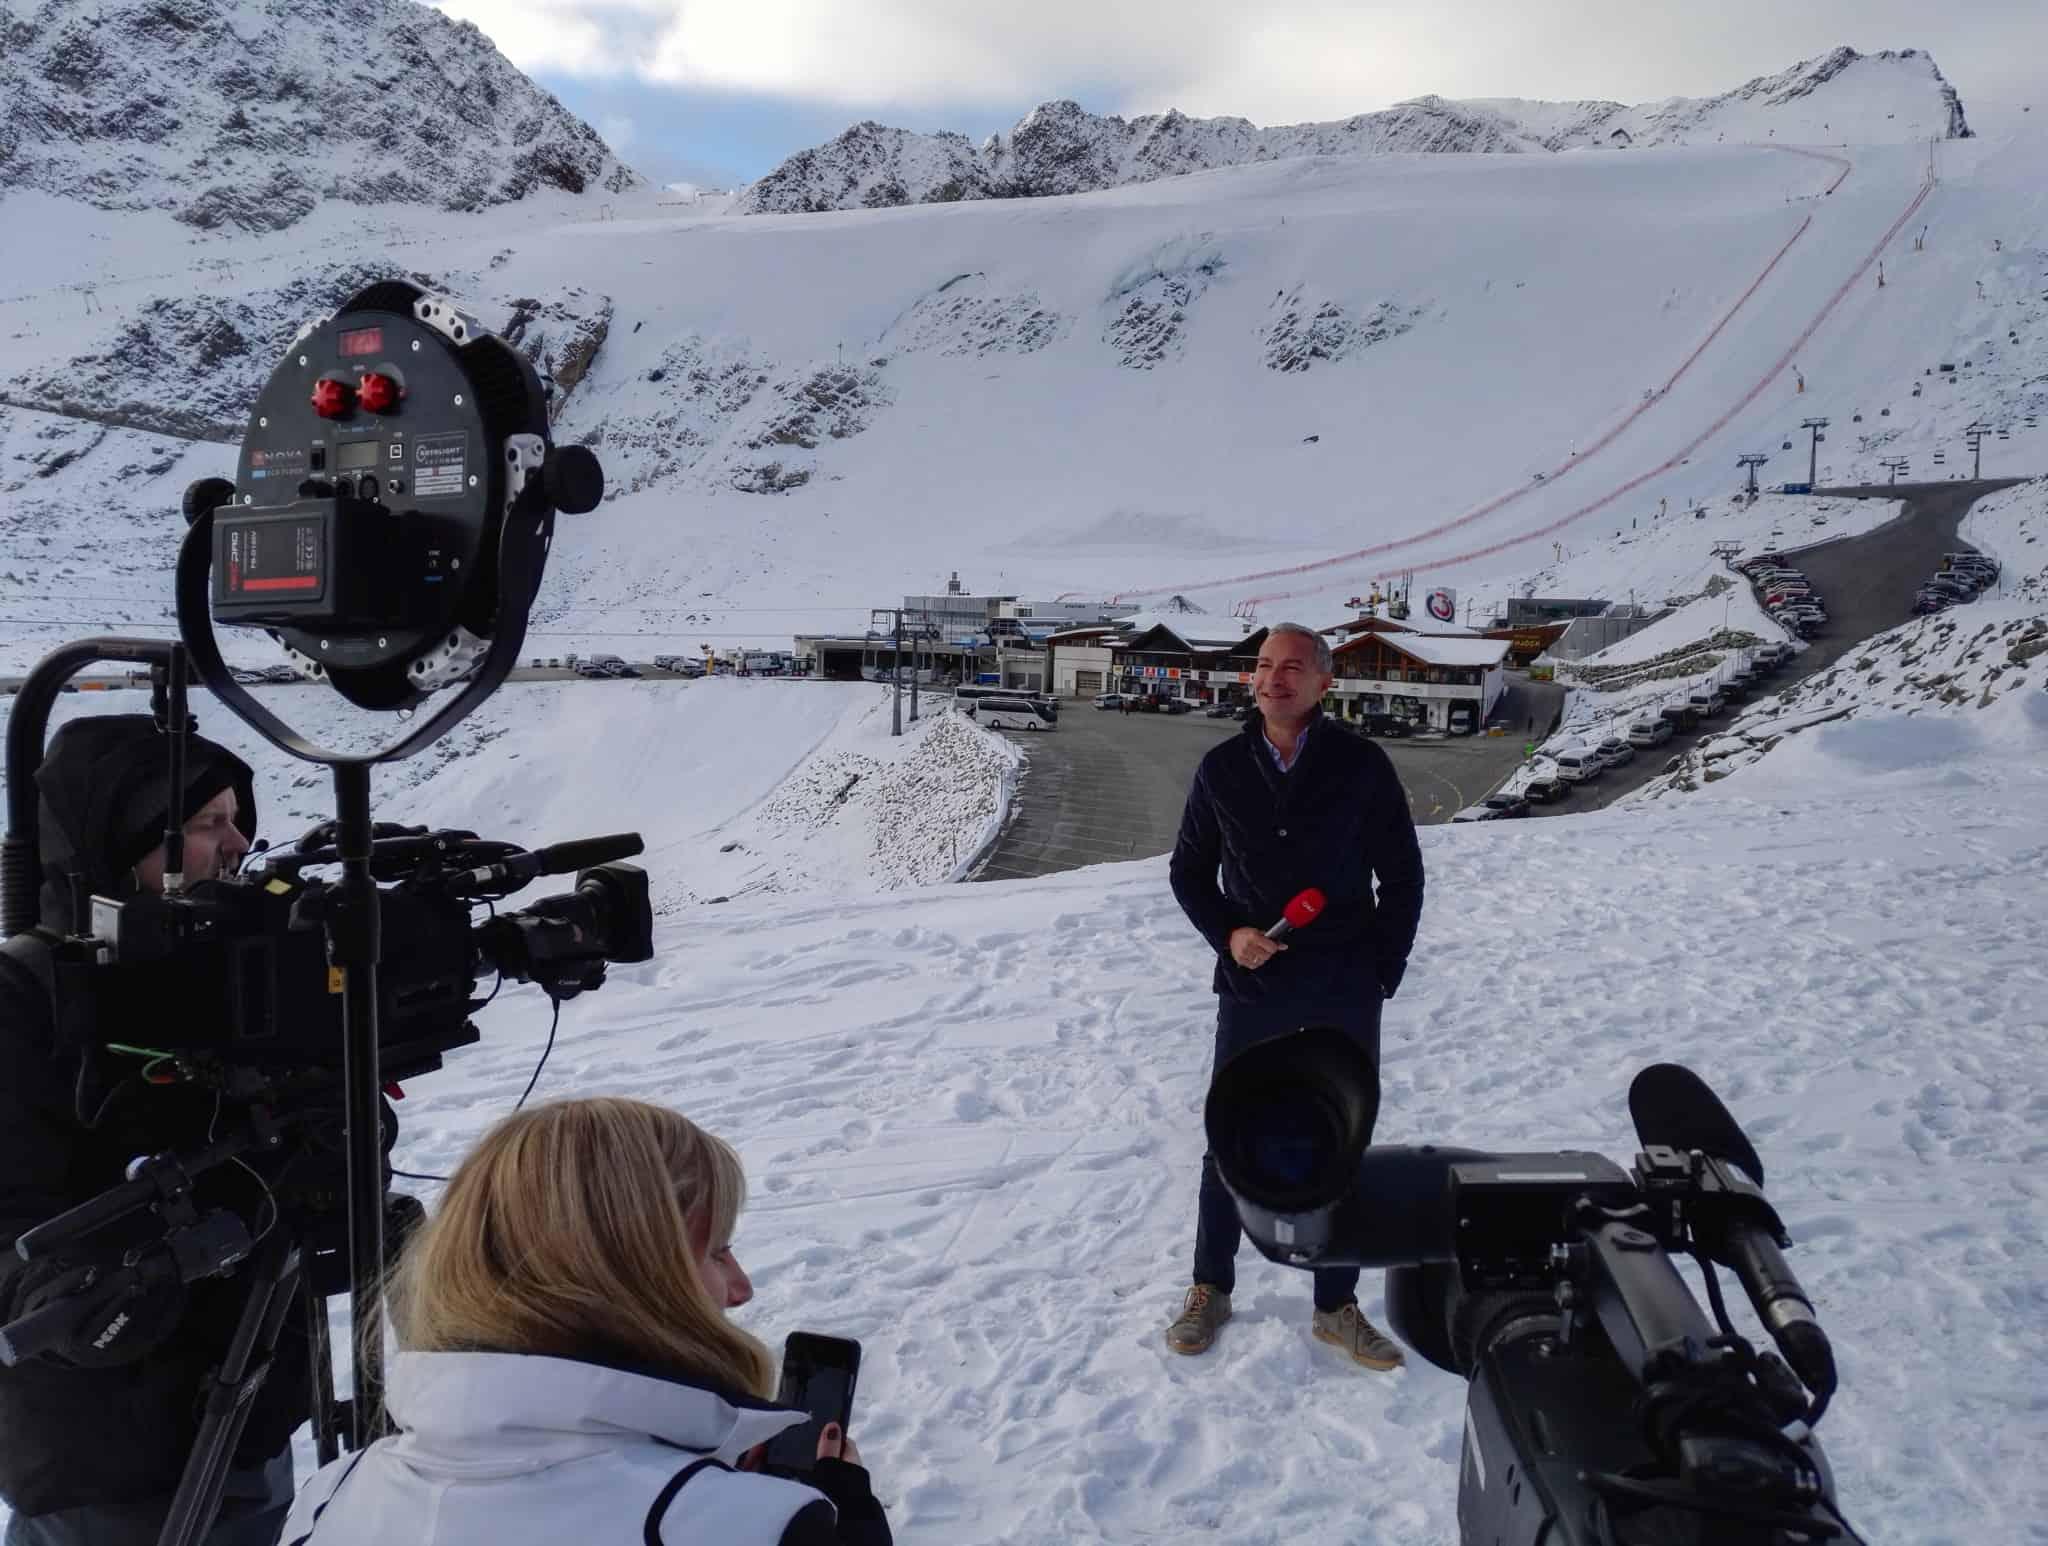 ORF Guten Morgen Österreich Tirol Sölden Woche C Andreas Felder 9 - ORF Guten Morgen Österreich - Tirol Woche